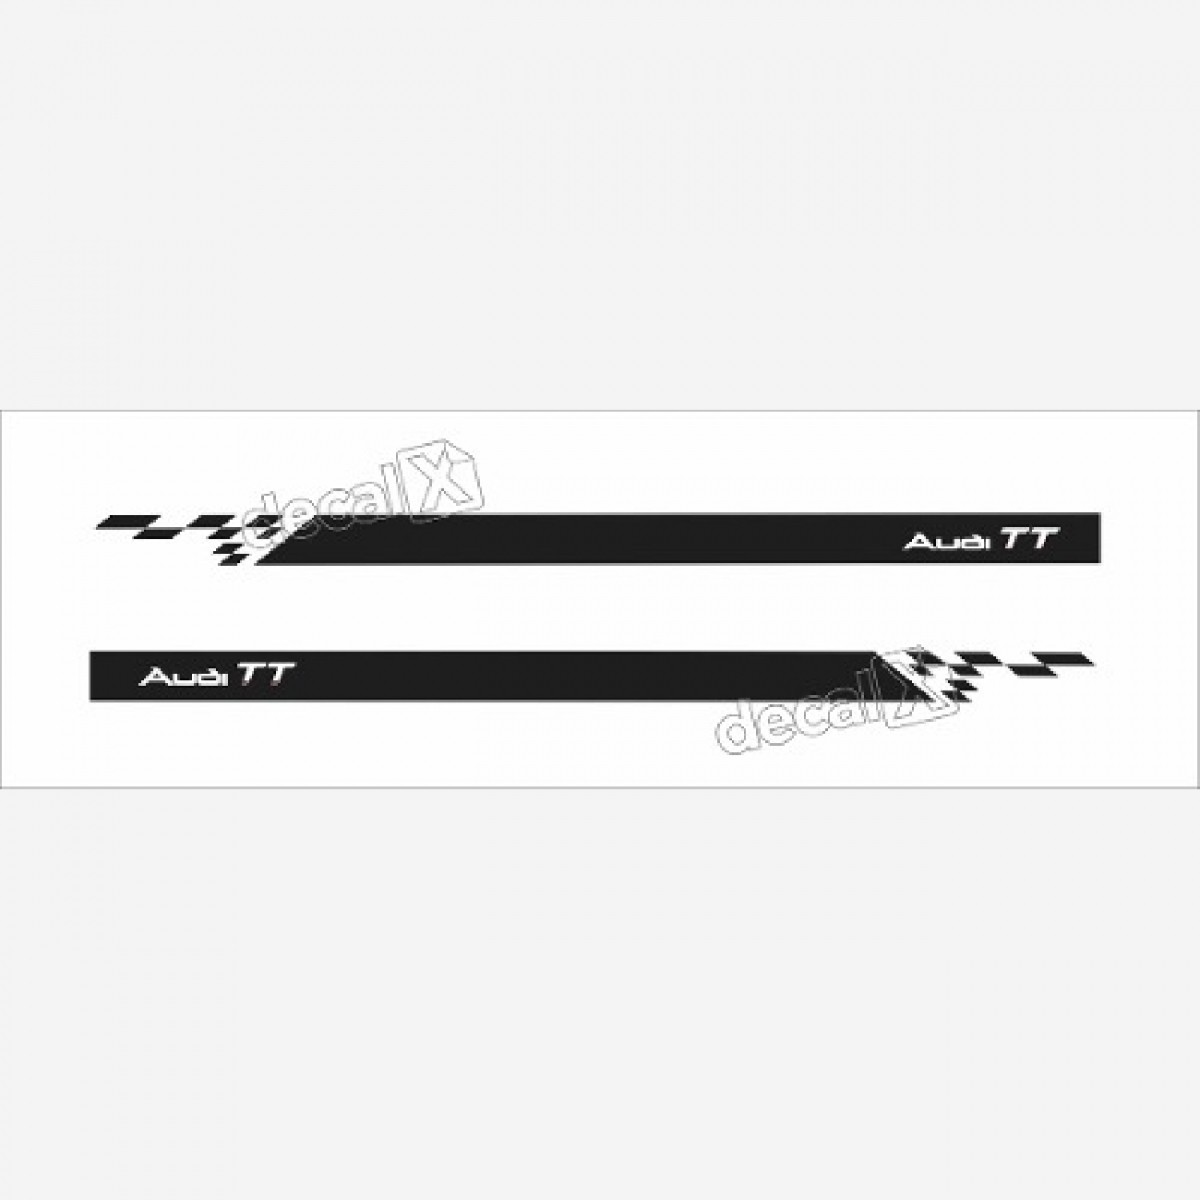 Adesivo Faixa Lateral Audi Tt Tt10